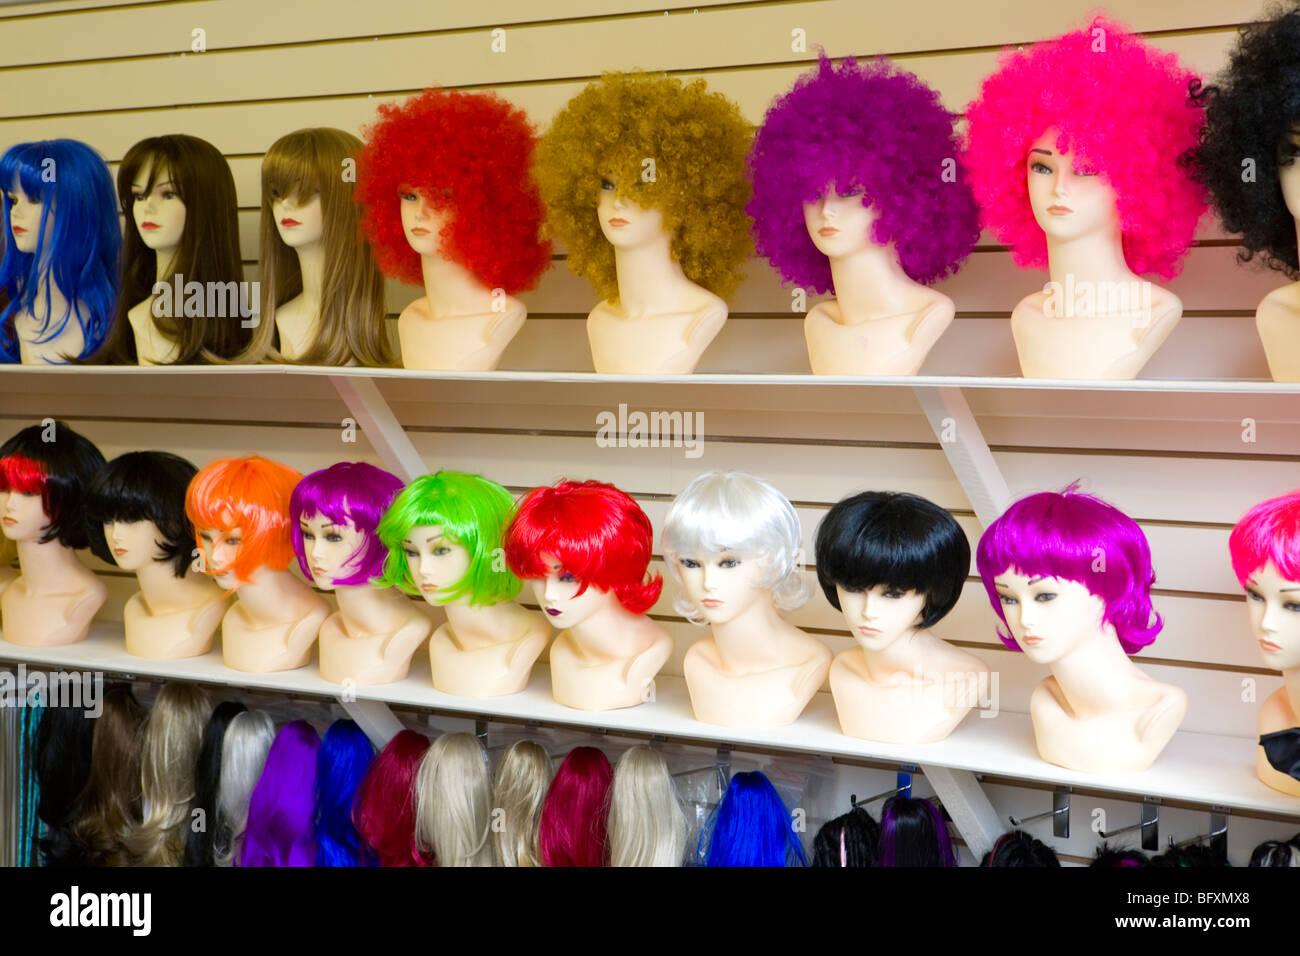 Perruques colorées sur l'écran d'affichage Photo Stock